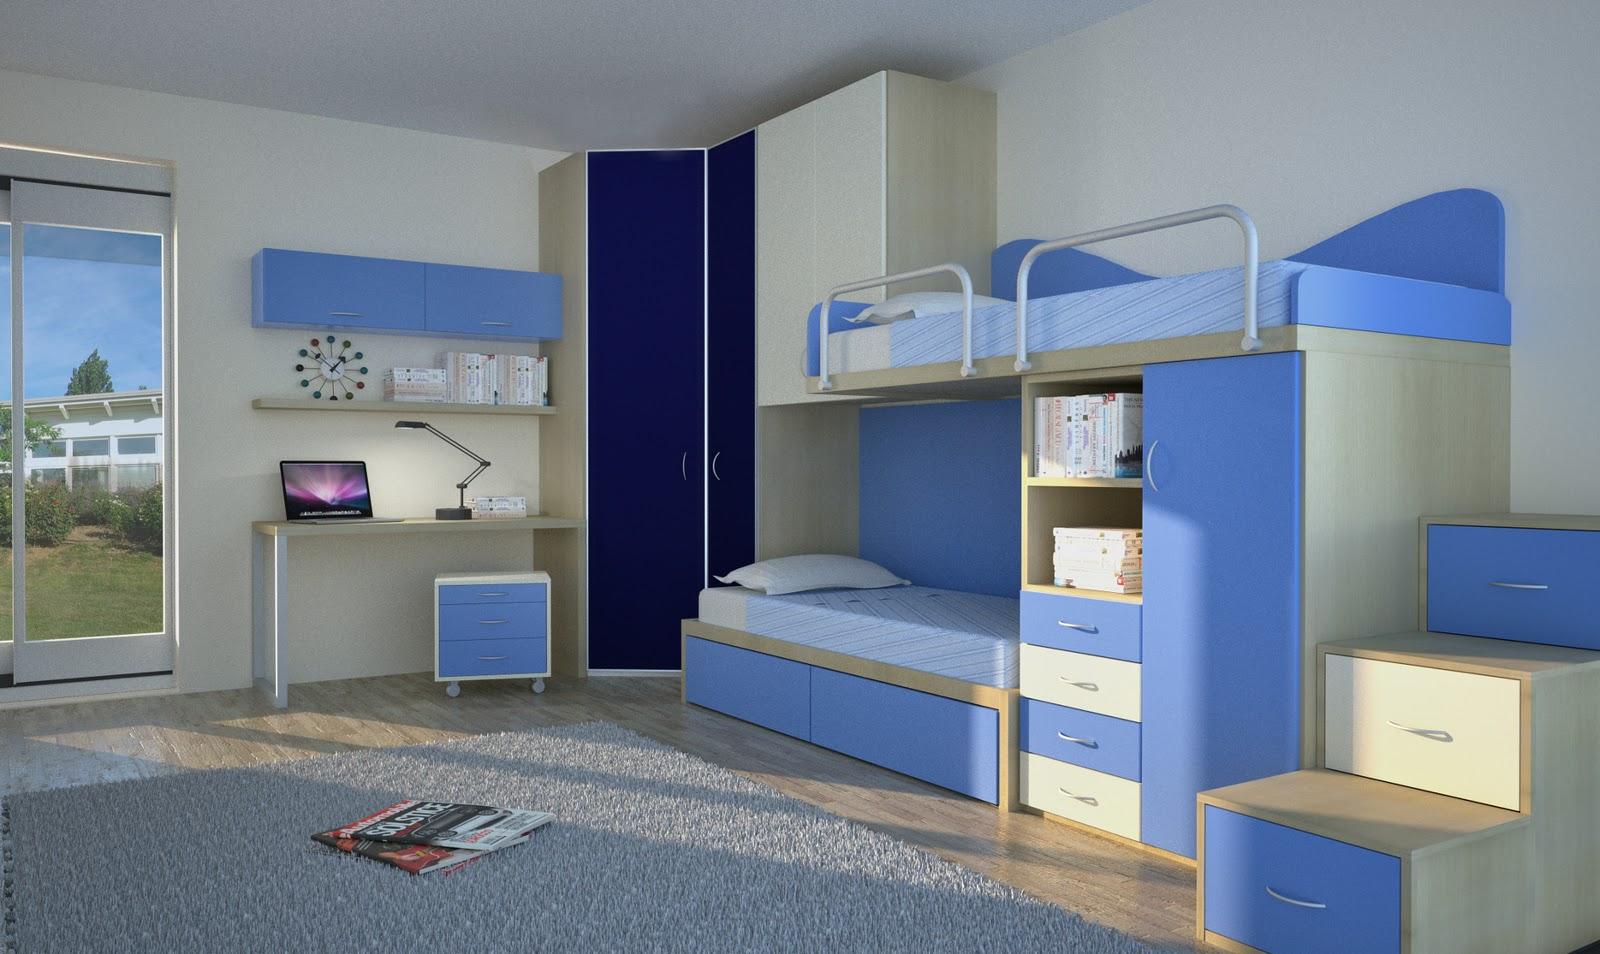 Ikea camera ispirazioni letto da for Camera bambini ikea